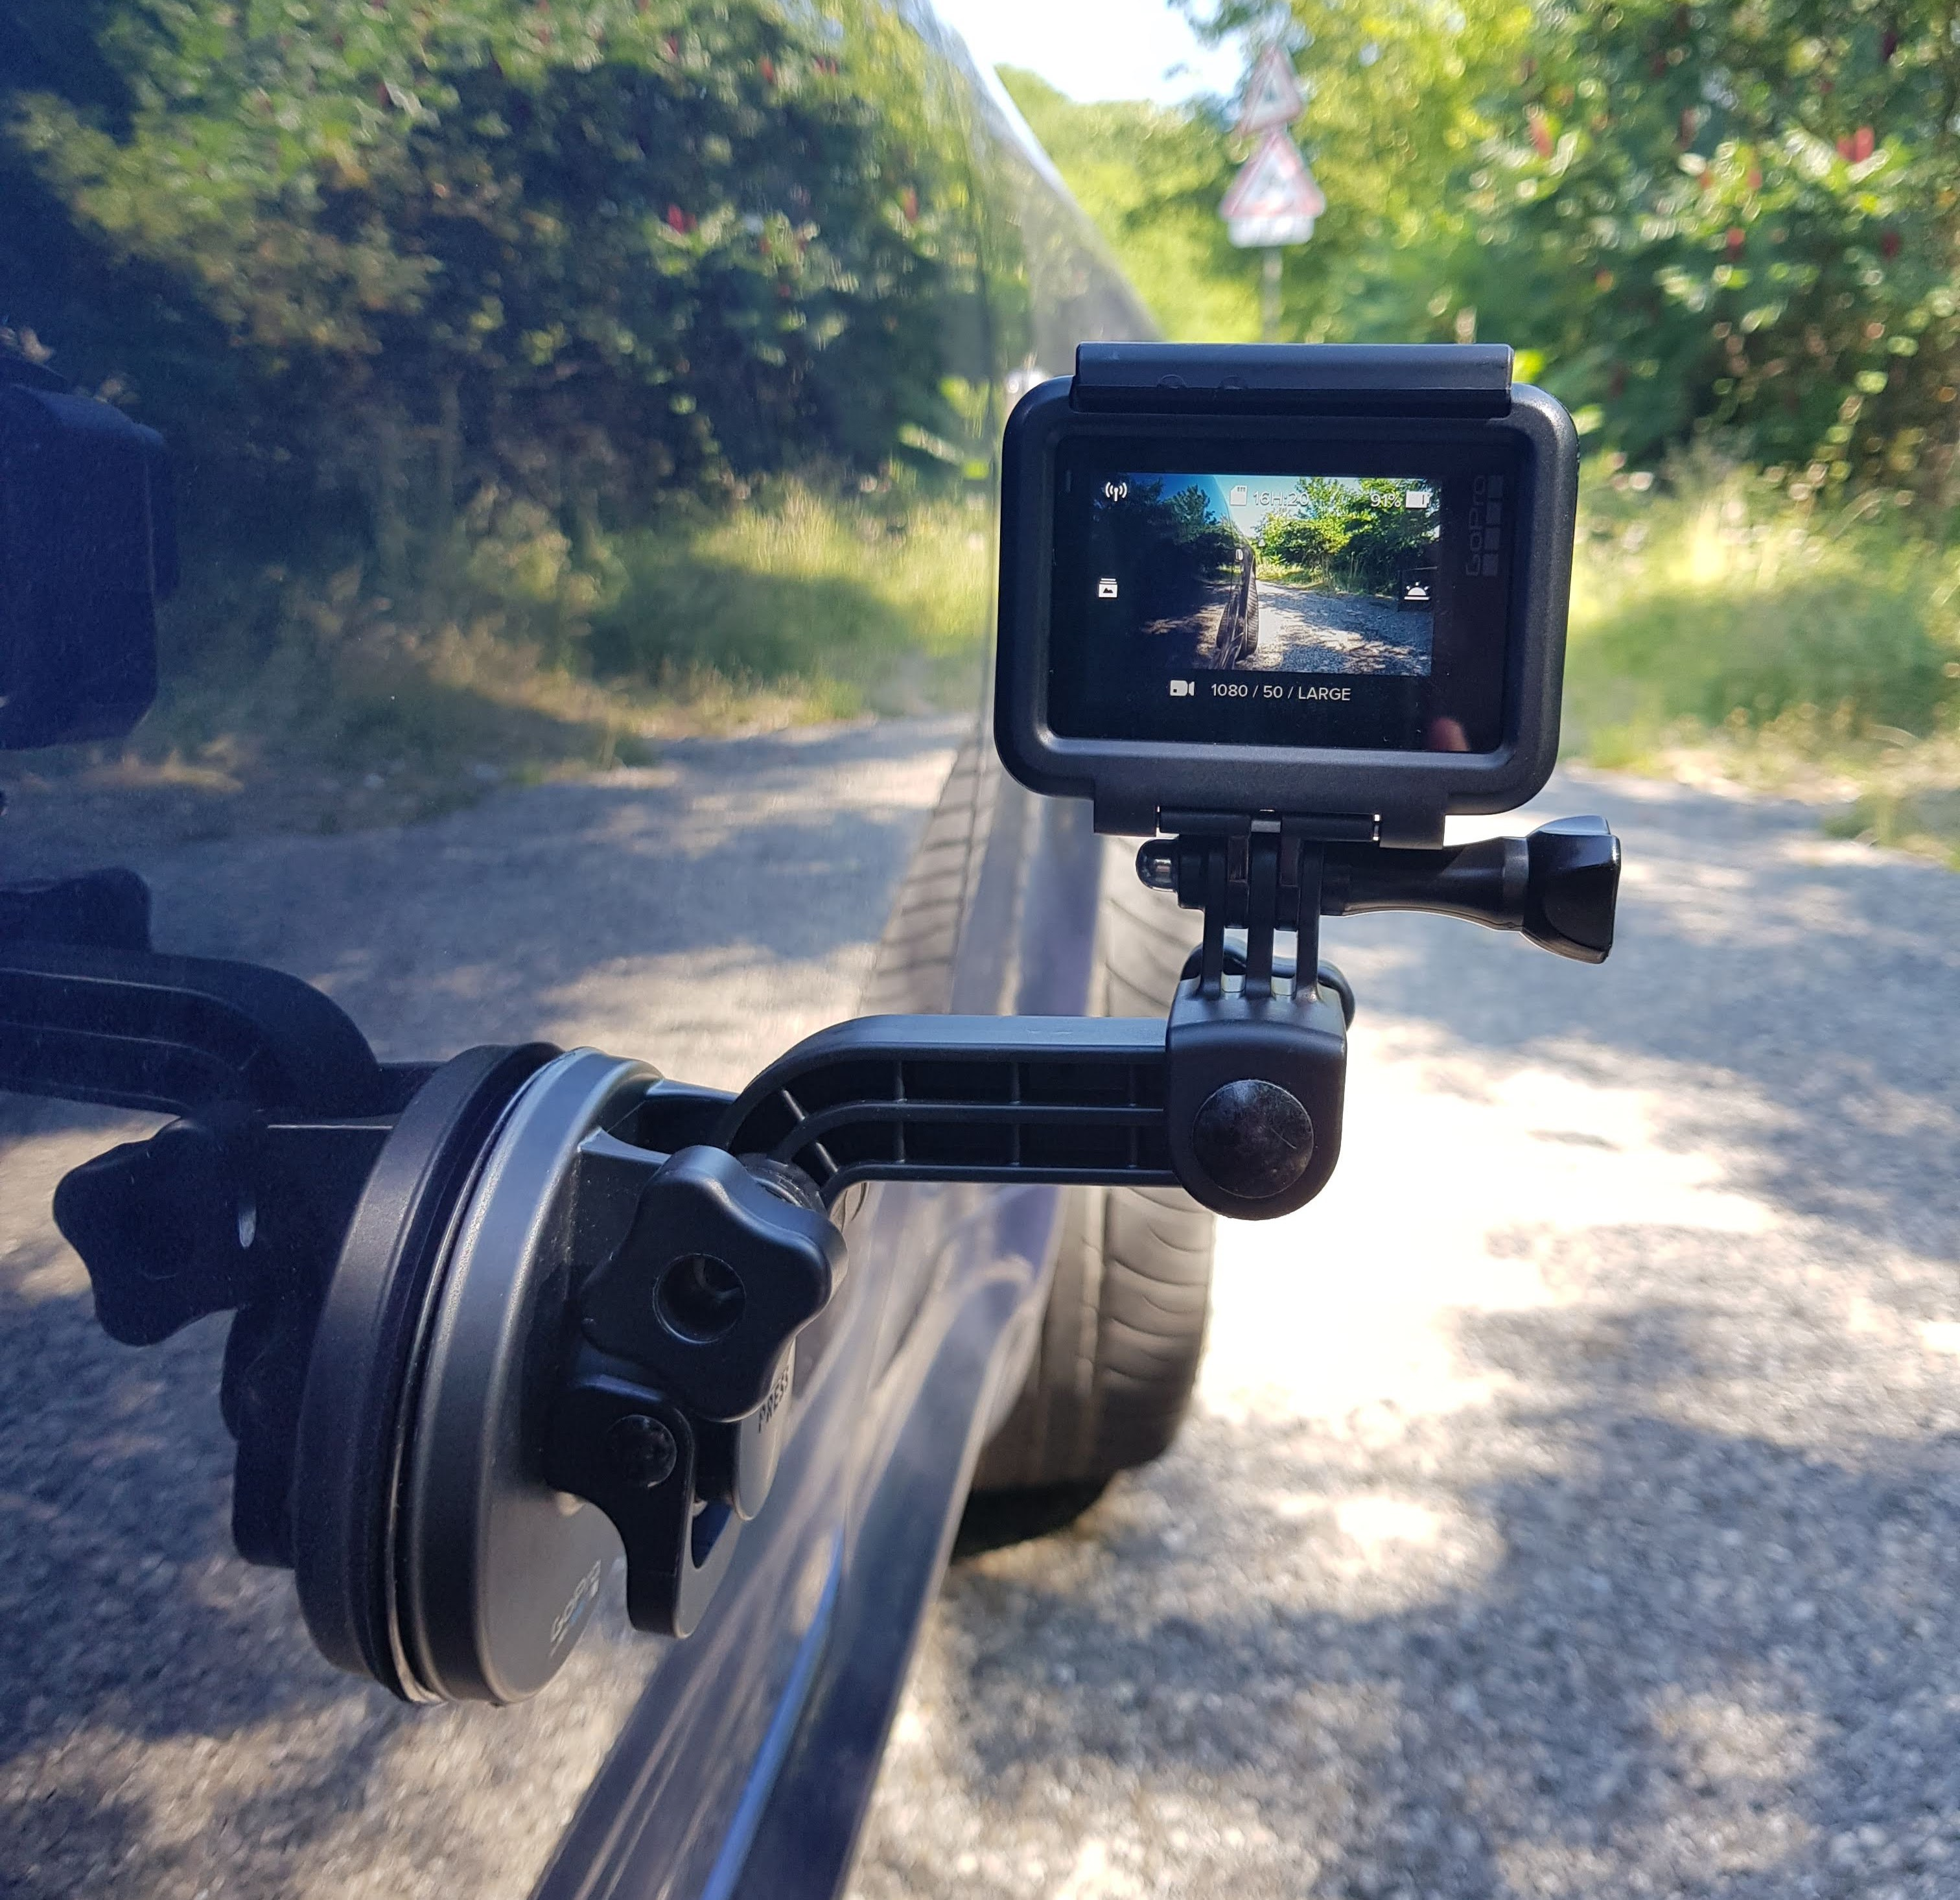 Test de la GoPro Hero 2018 : une très bonne action cam à un prix raisonnable